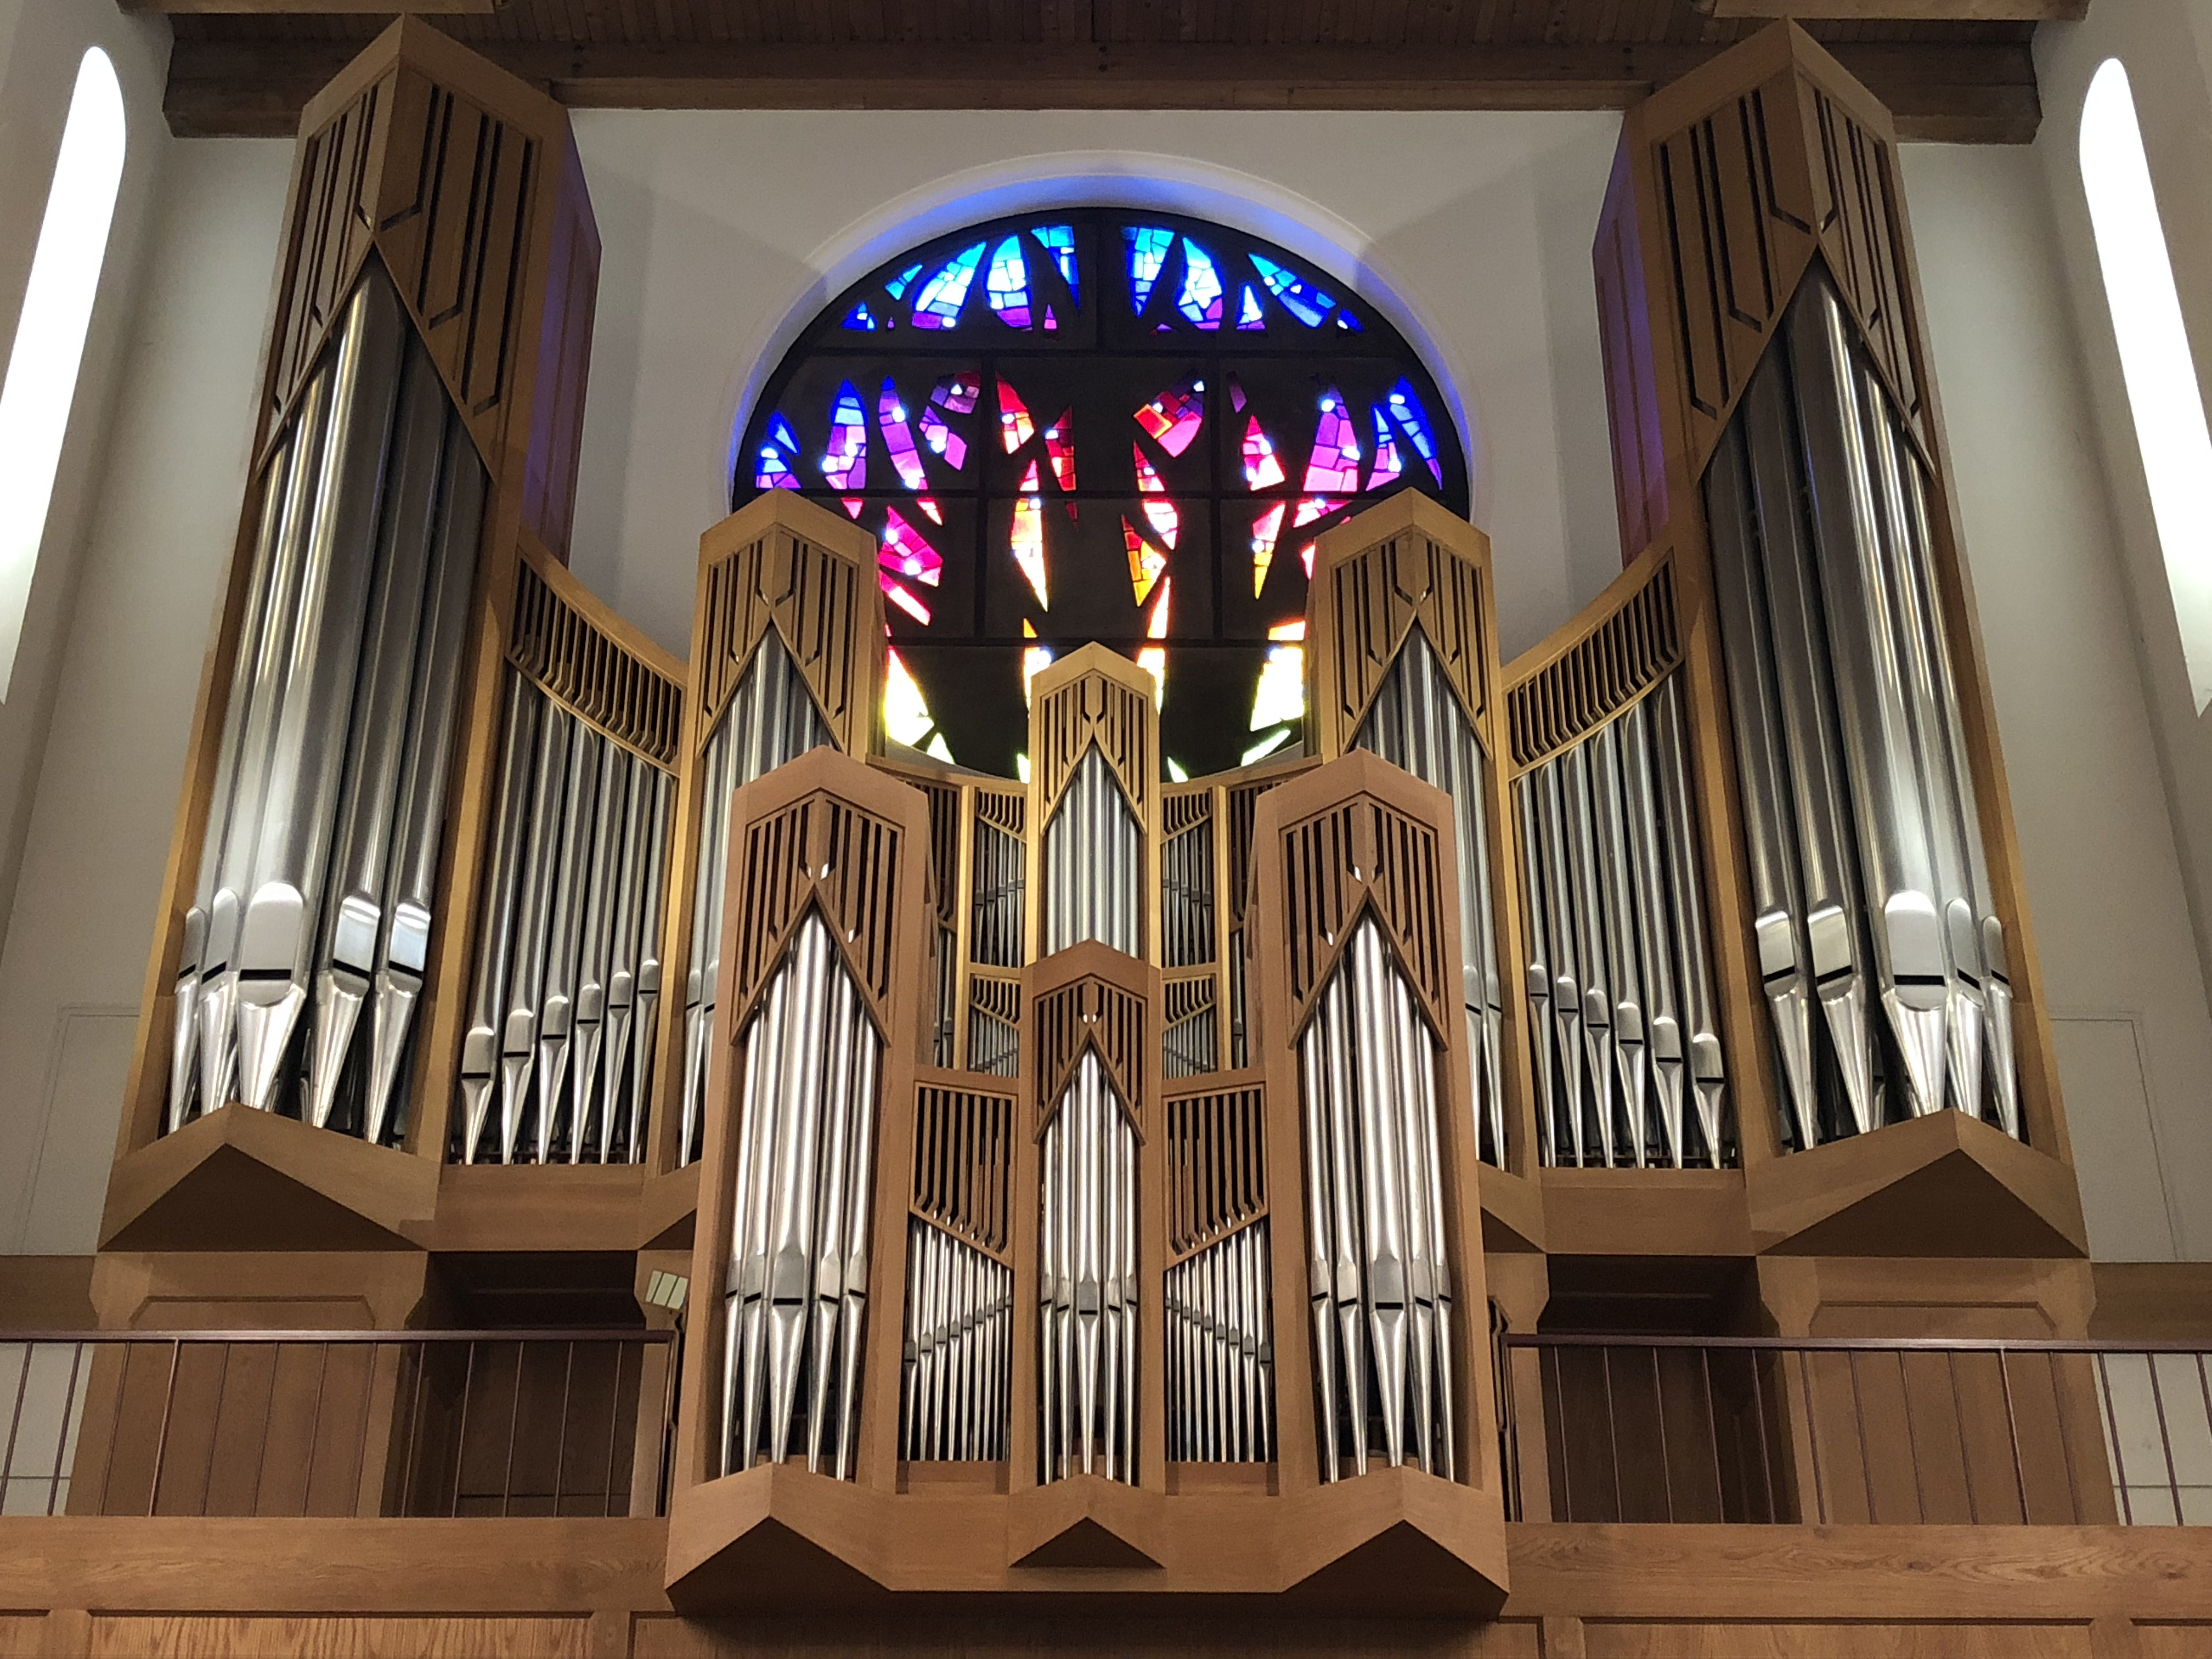 Orgue de l'église Sainte-Thérèse